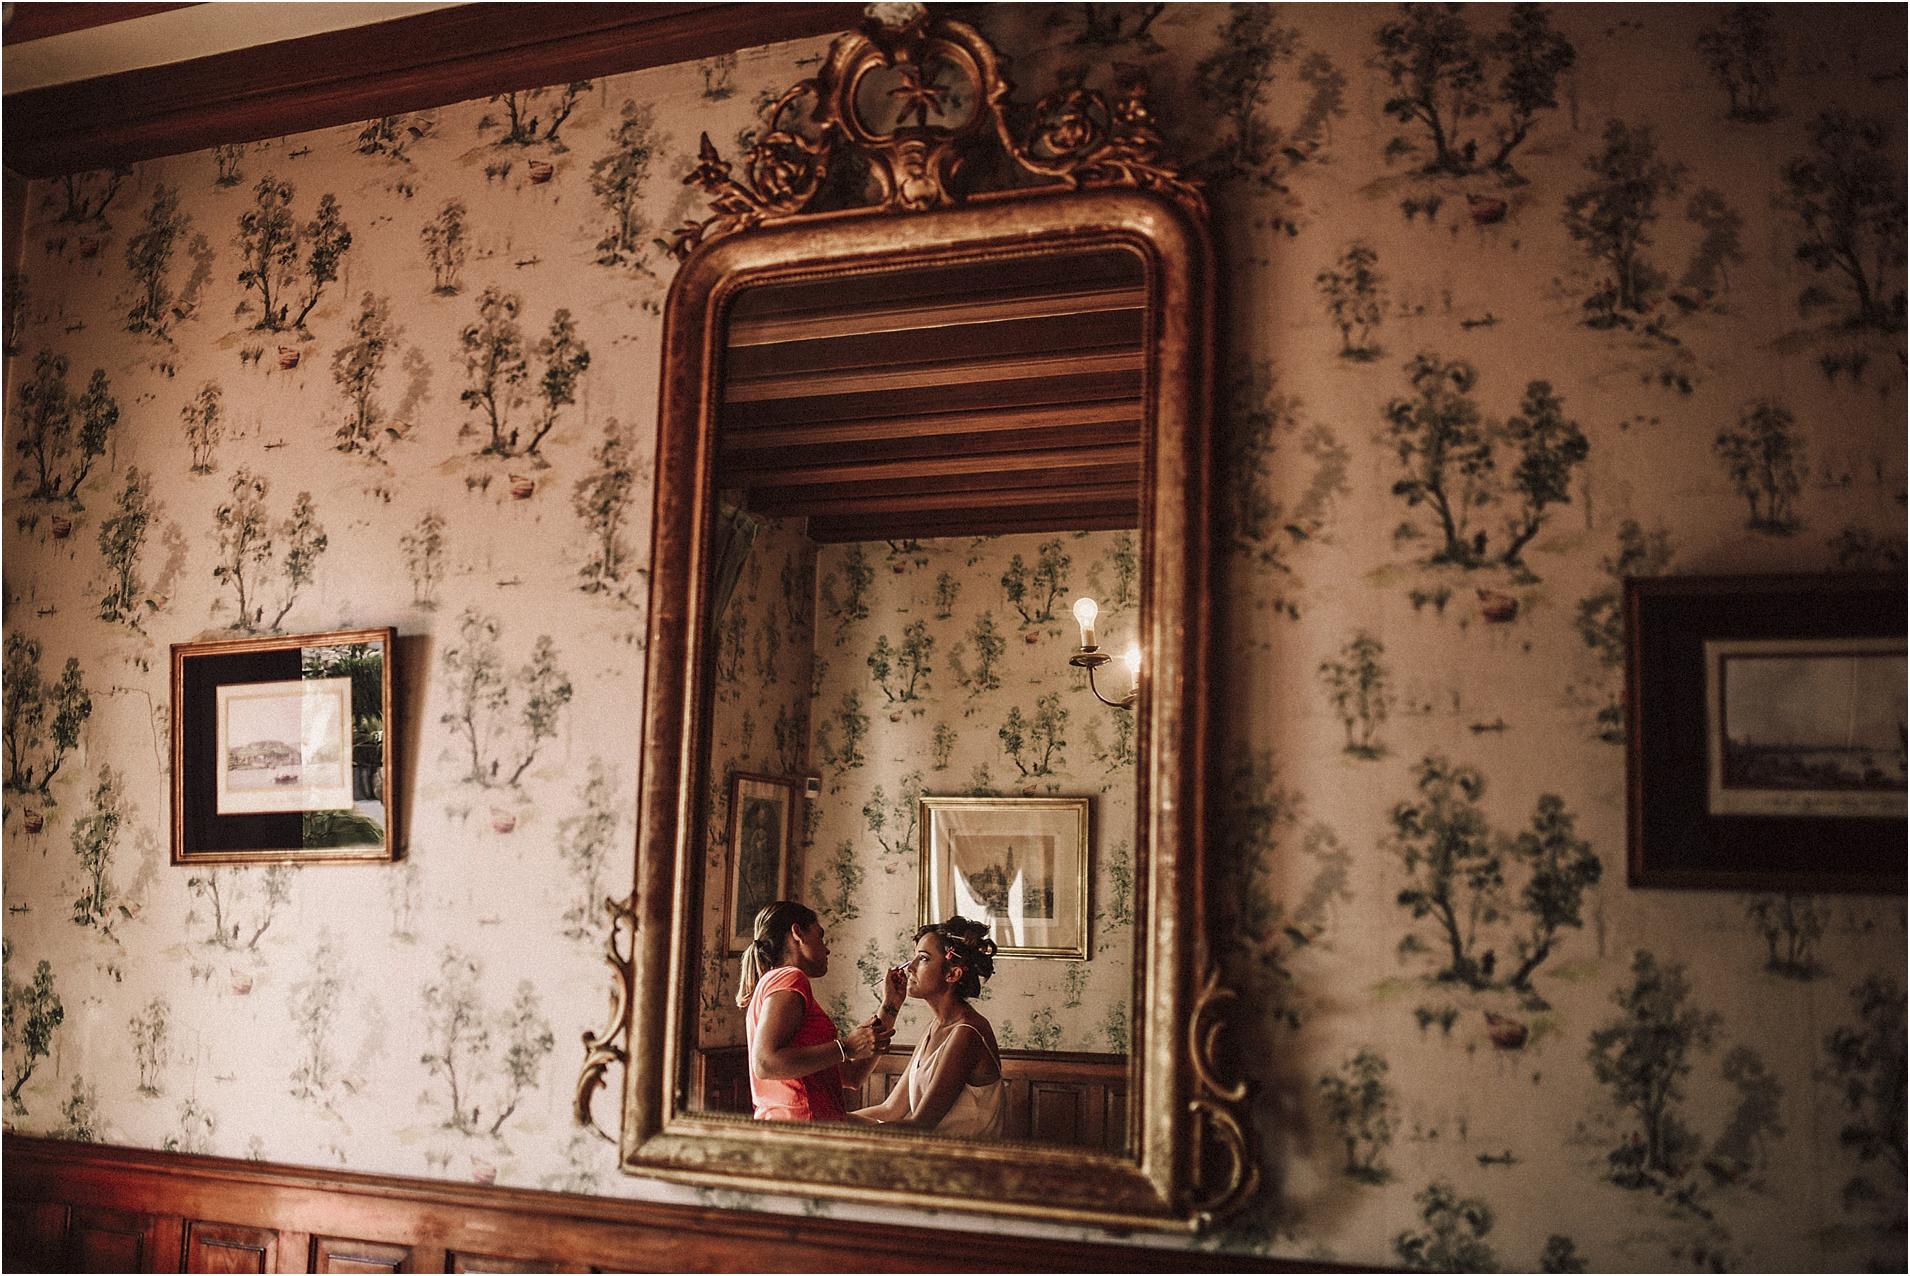 Fotografos-de-boda-donostia-zaragoza-san-sebastian-destination-wedding-photographer-17.jpg